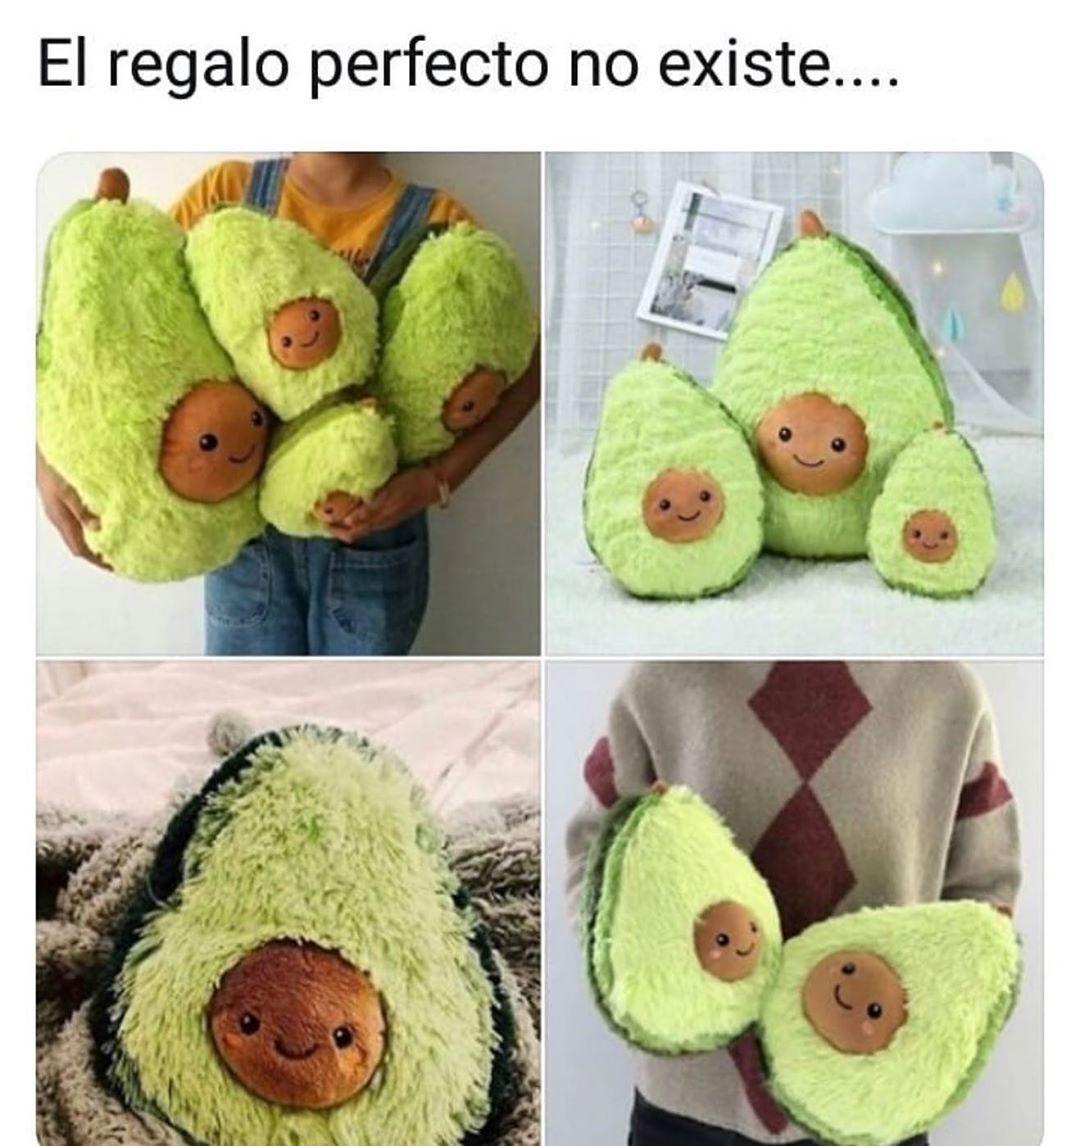 El regalo perfecto no existe...